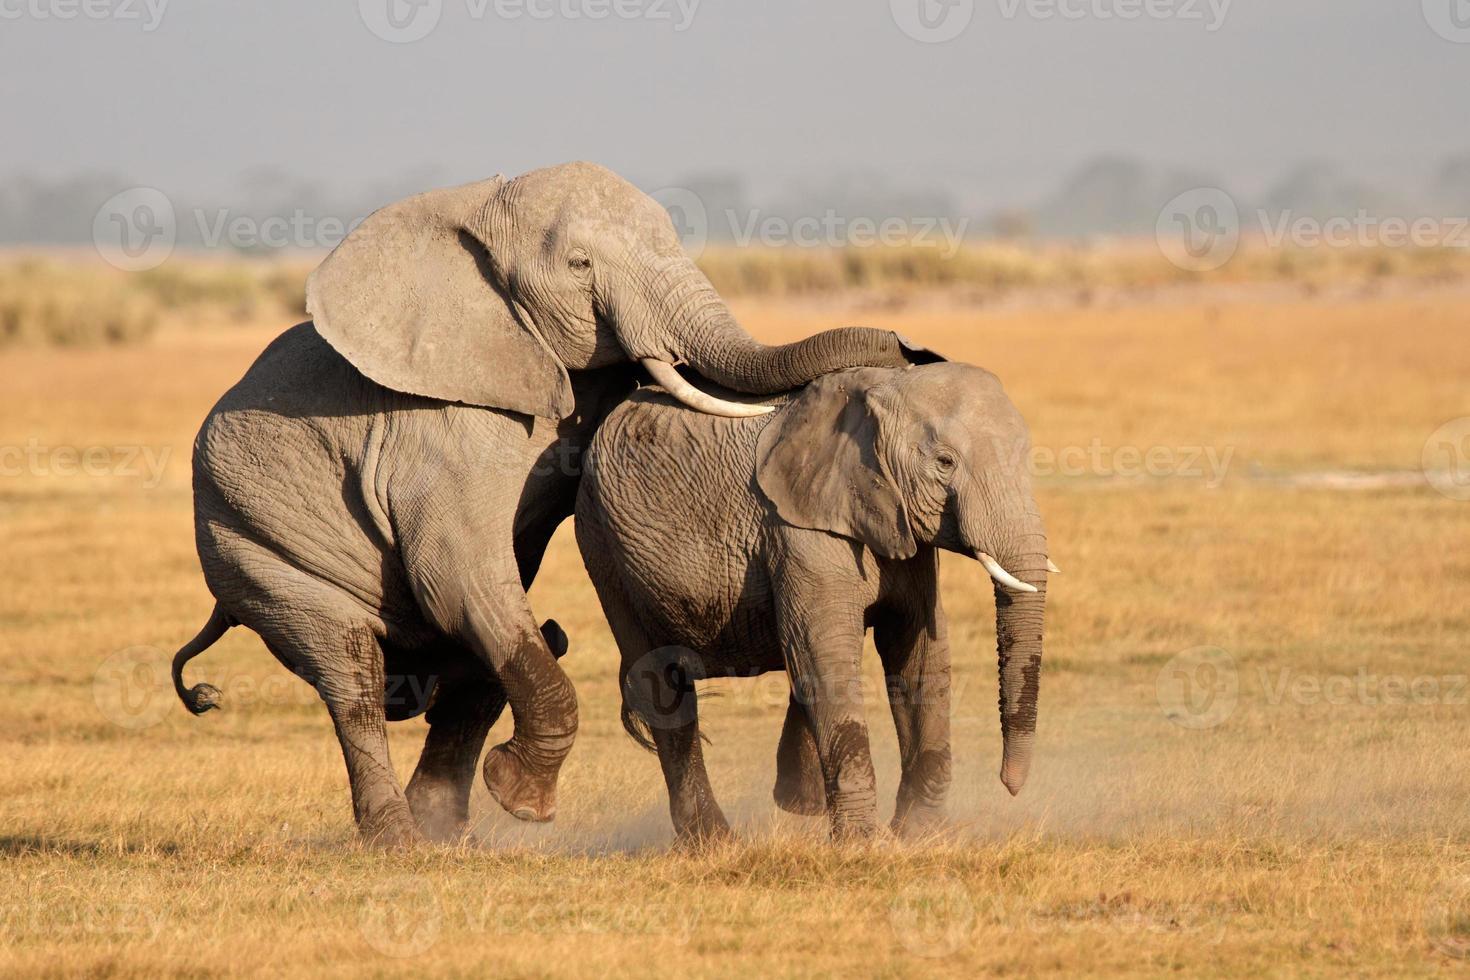 Paarung afrikanischer Elefanten foto